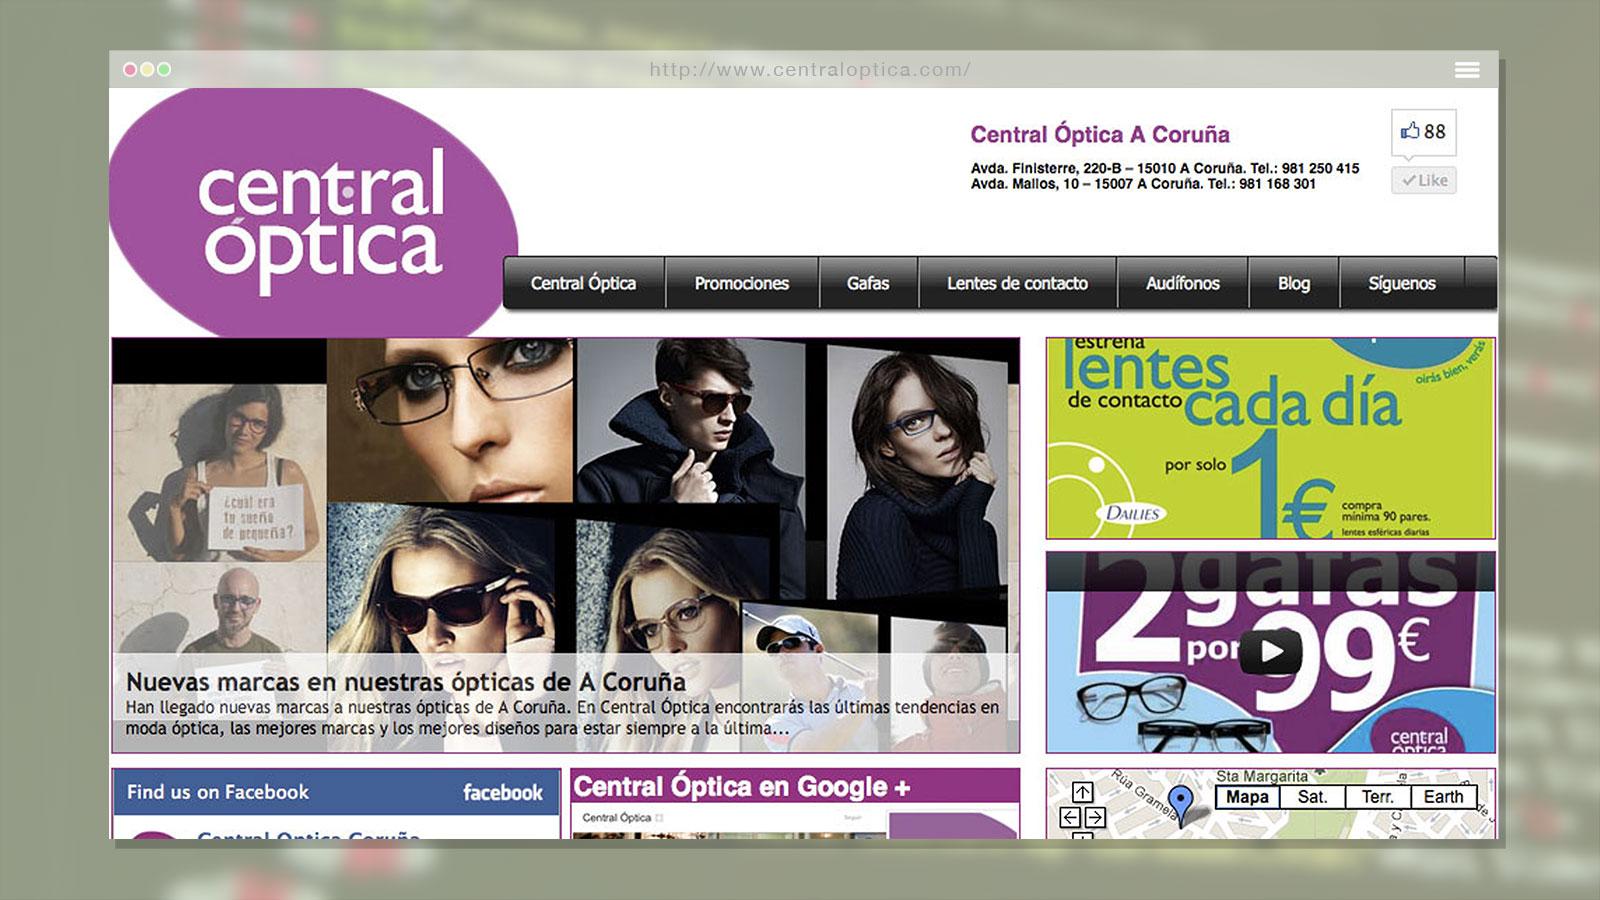 centraloptica.com